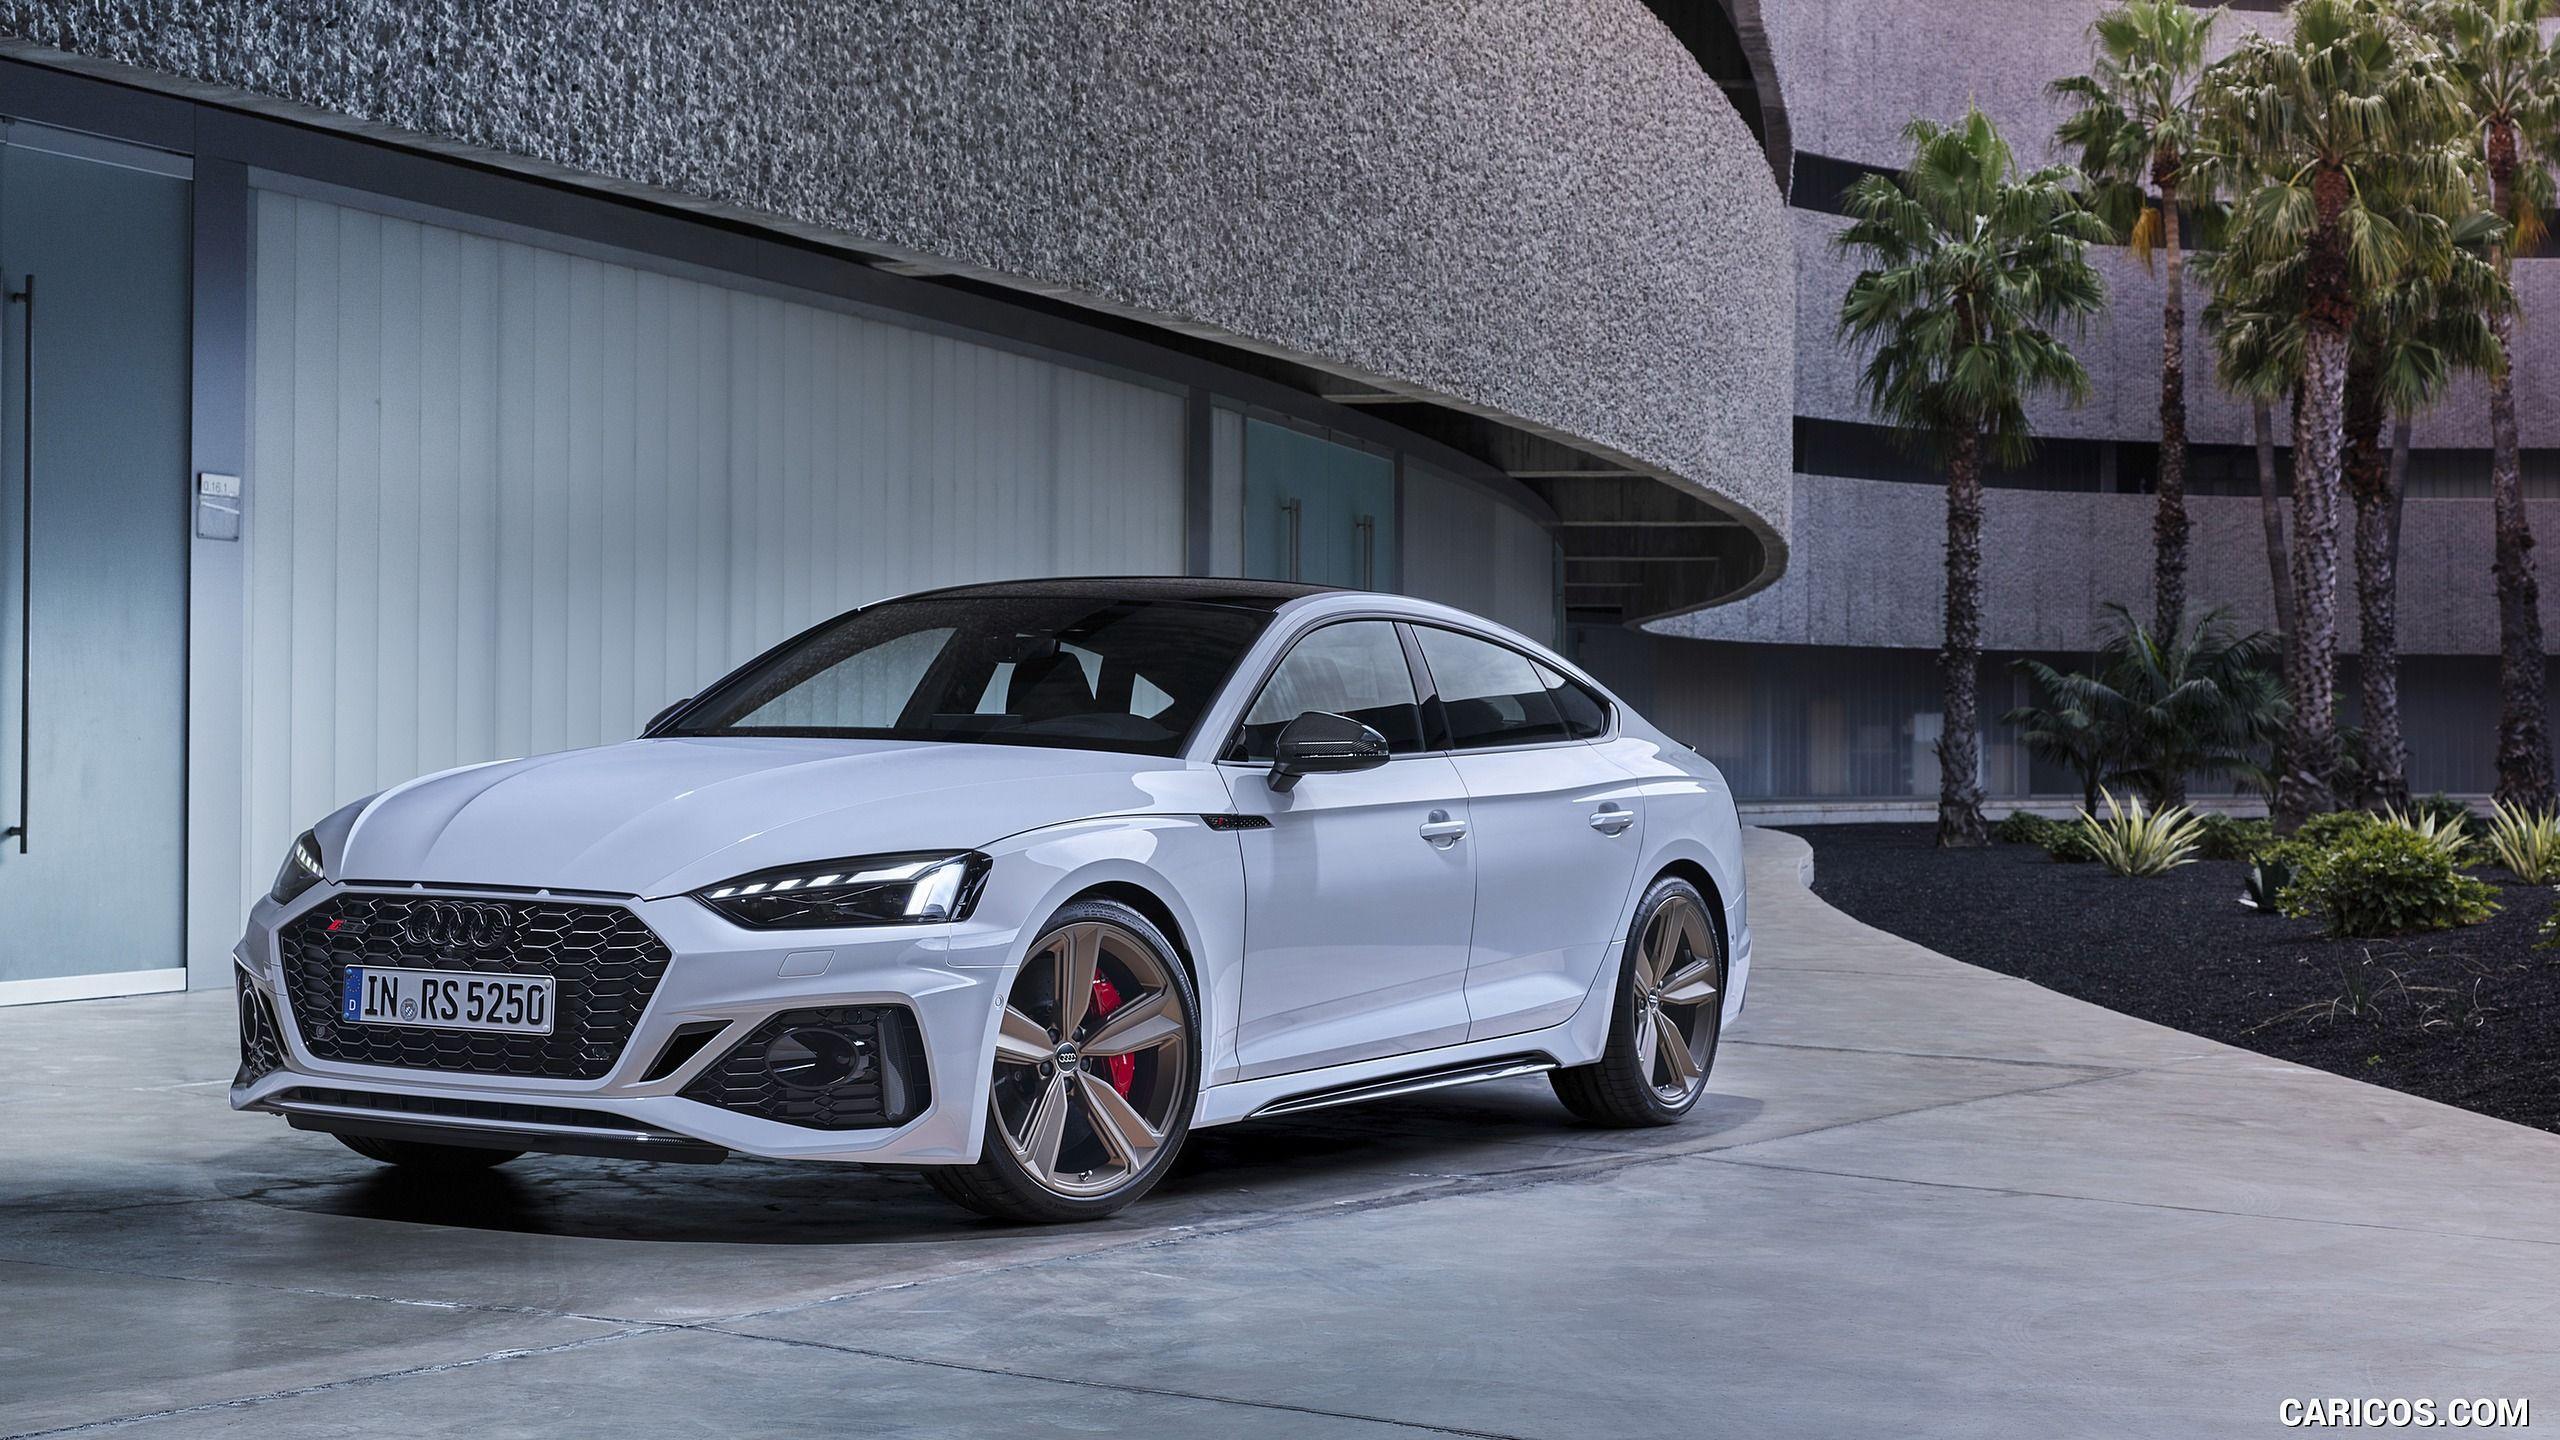 2020 Audi Rs 5 Sportback Color Glacier White Front Three Quarter Hd Audi Rs5 Sportback 2020 Audi Audi Rs5